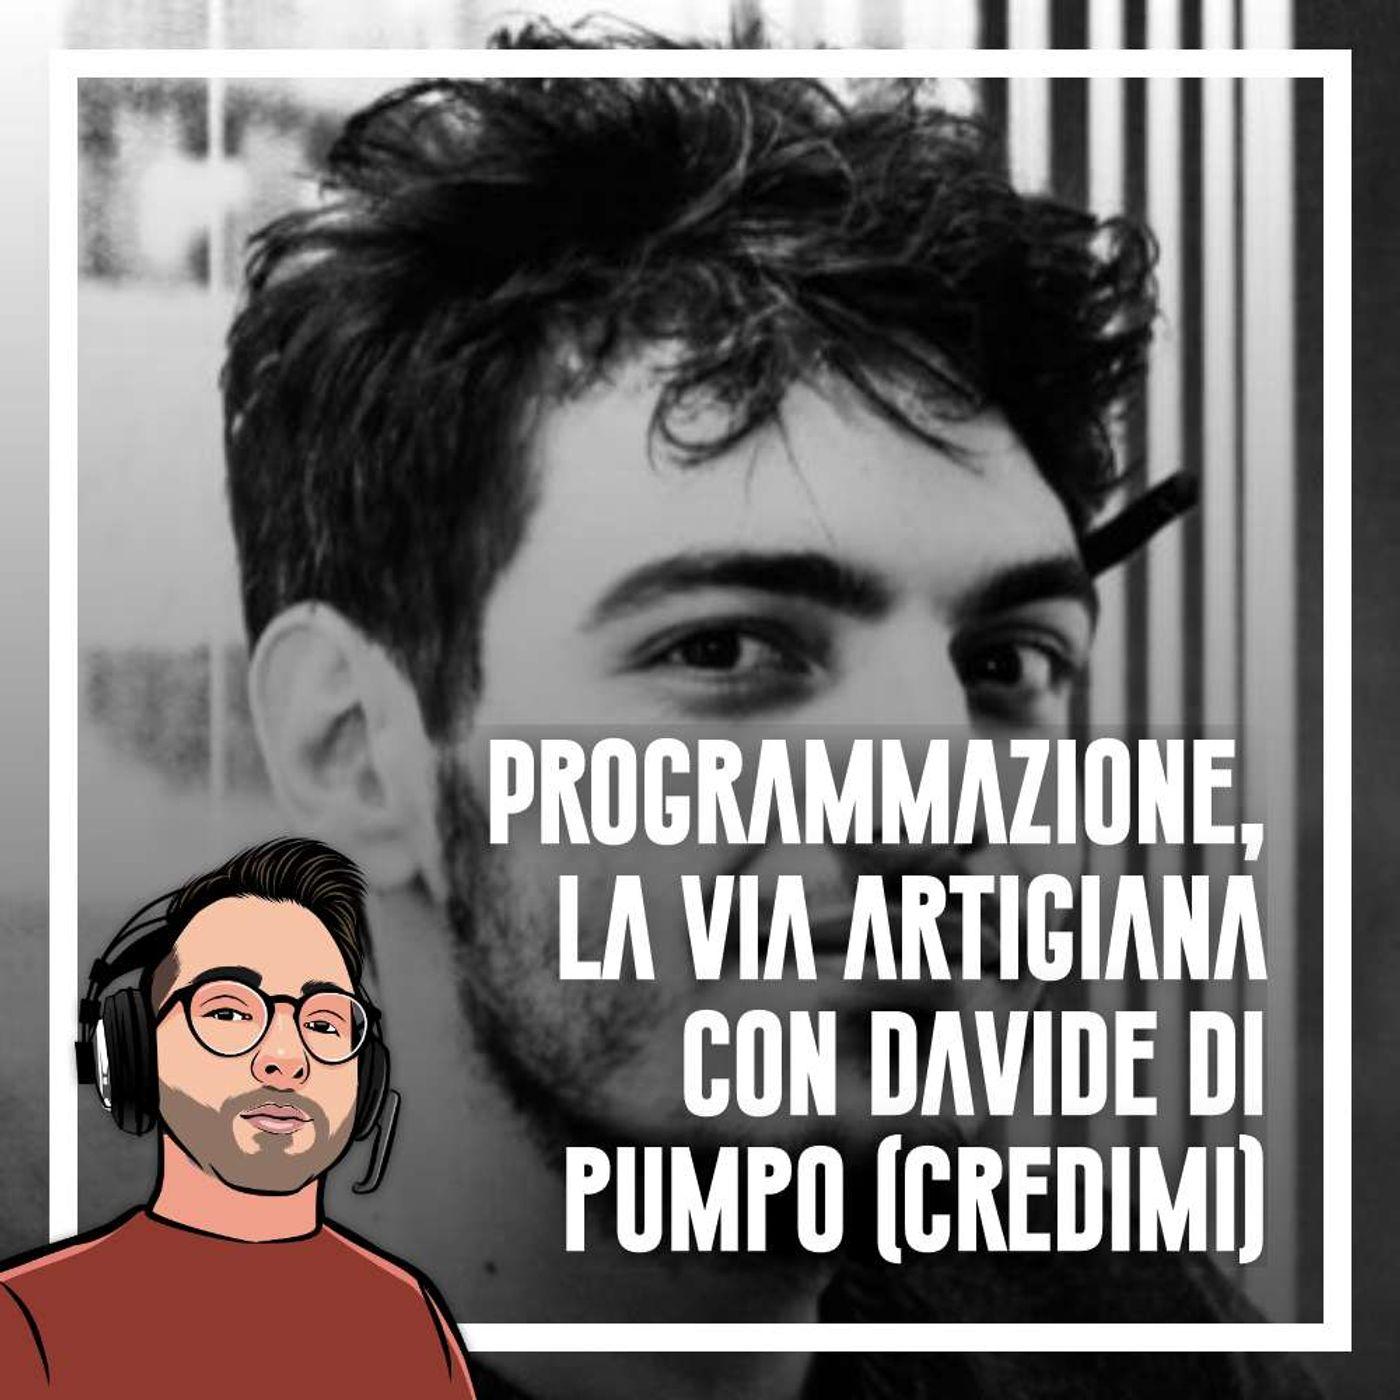 Ep.54 - Programmazione, la via artigiana con Davide Di Pumpo (Credimi)